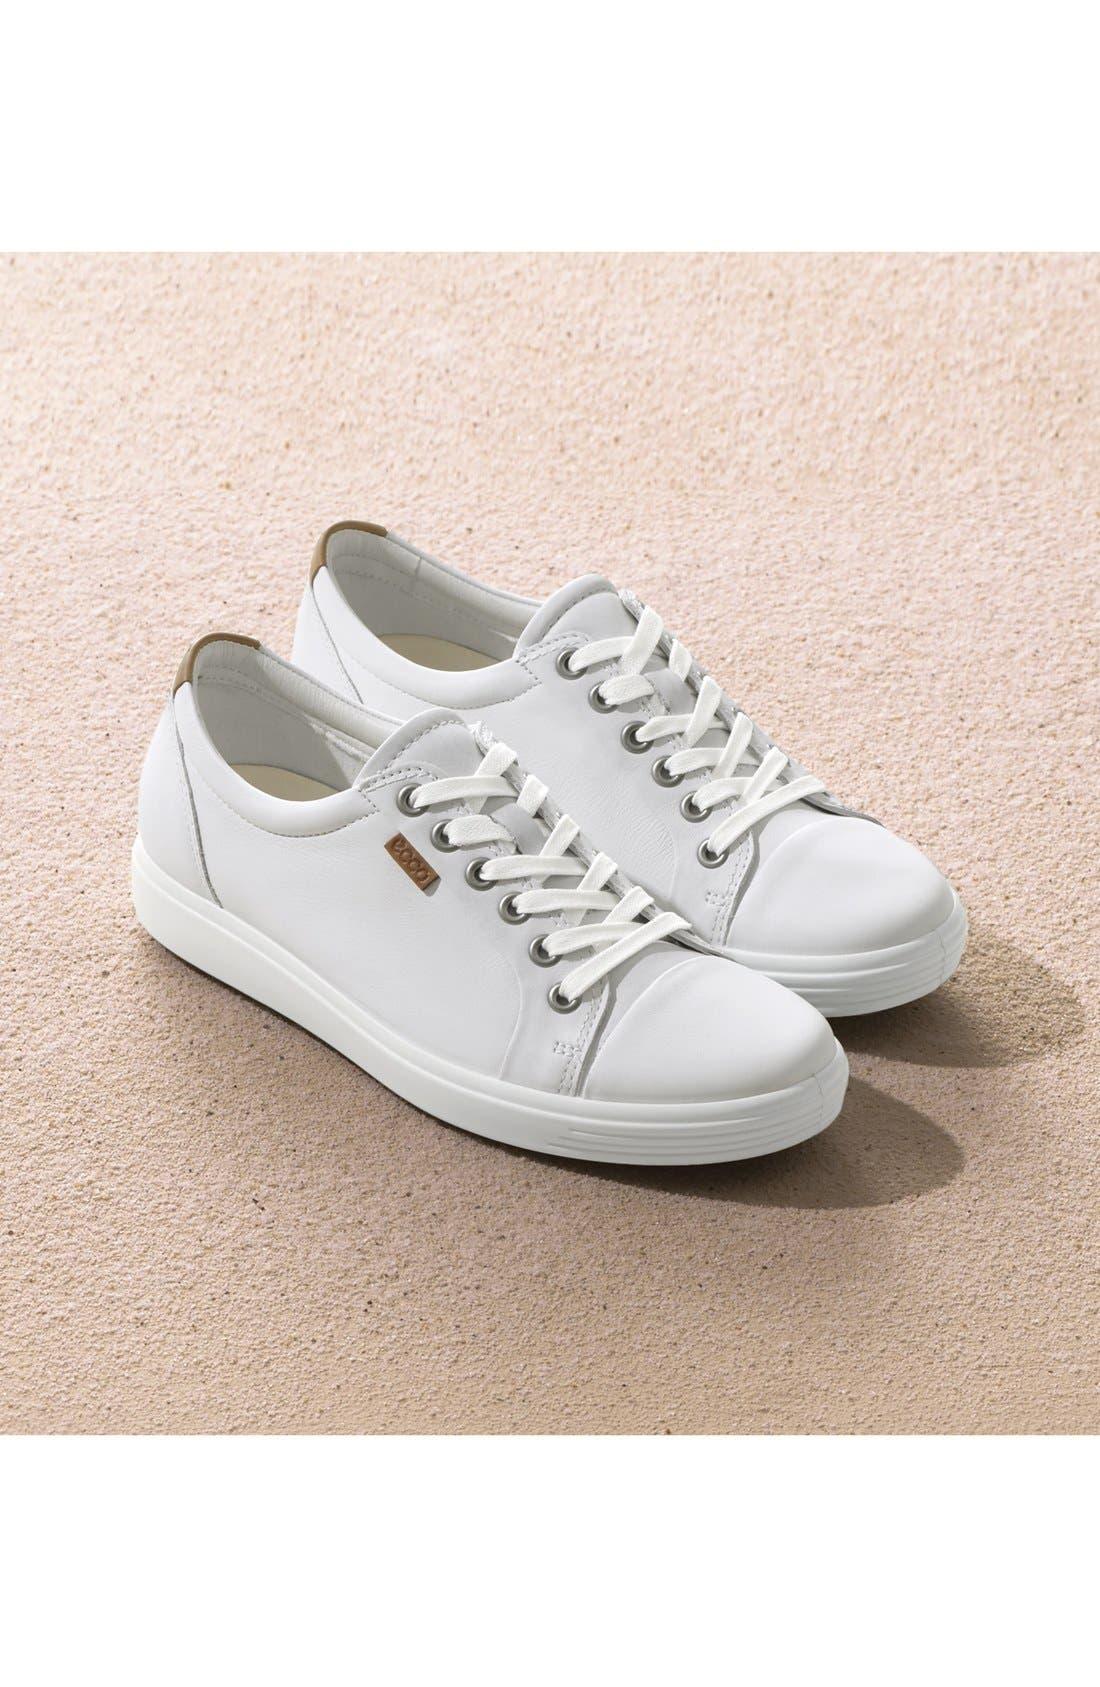 ECCO Soft 7 Sneaker, Main, color, 040